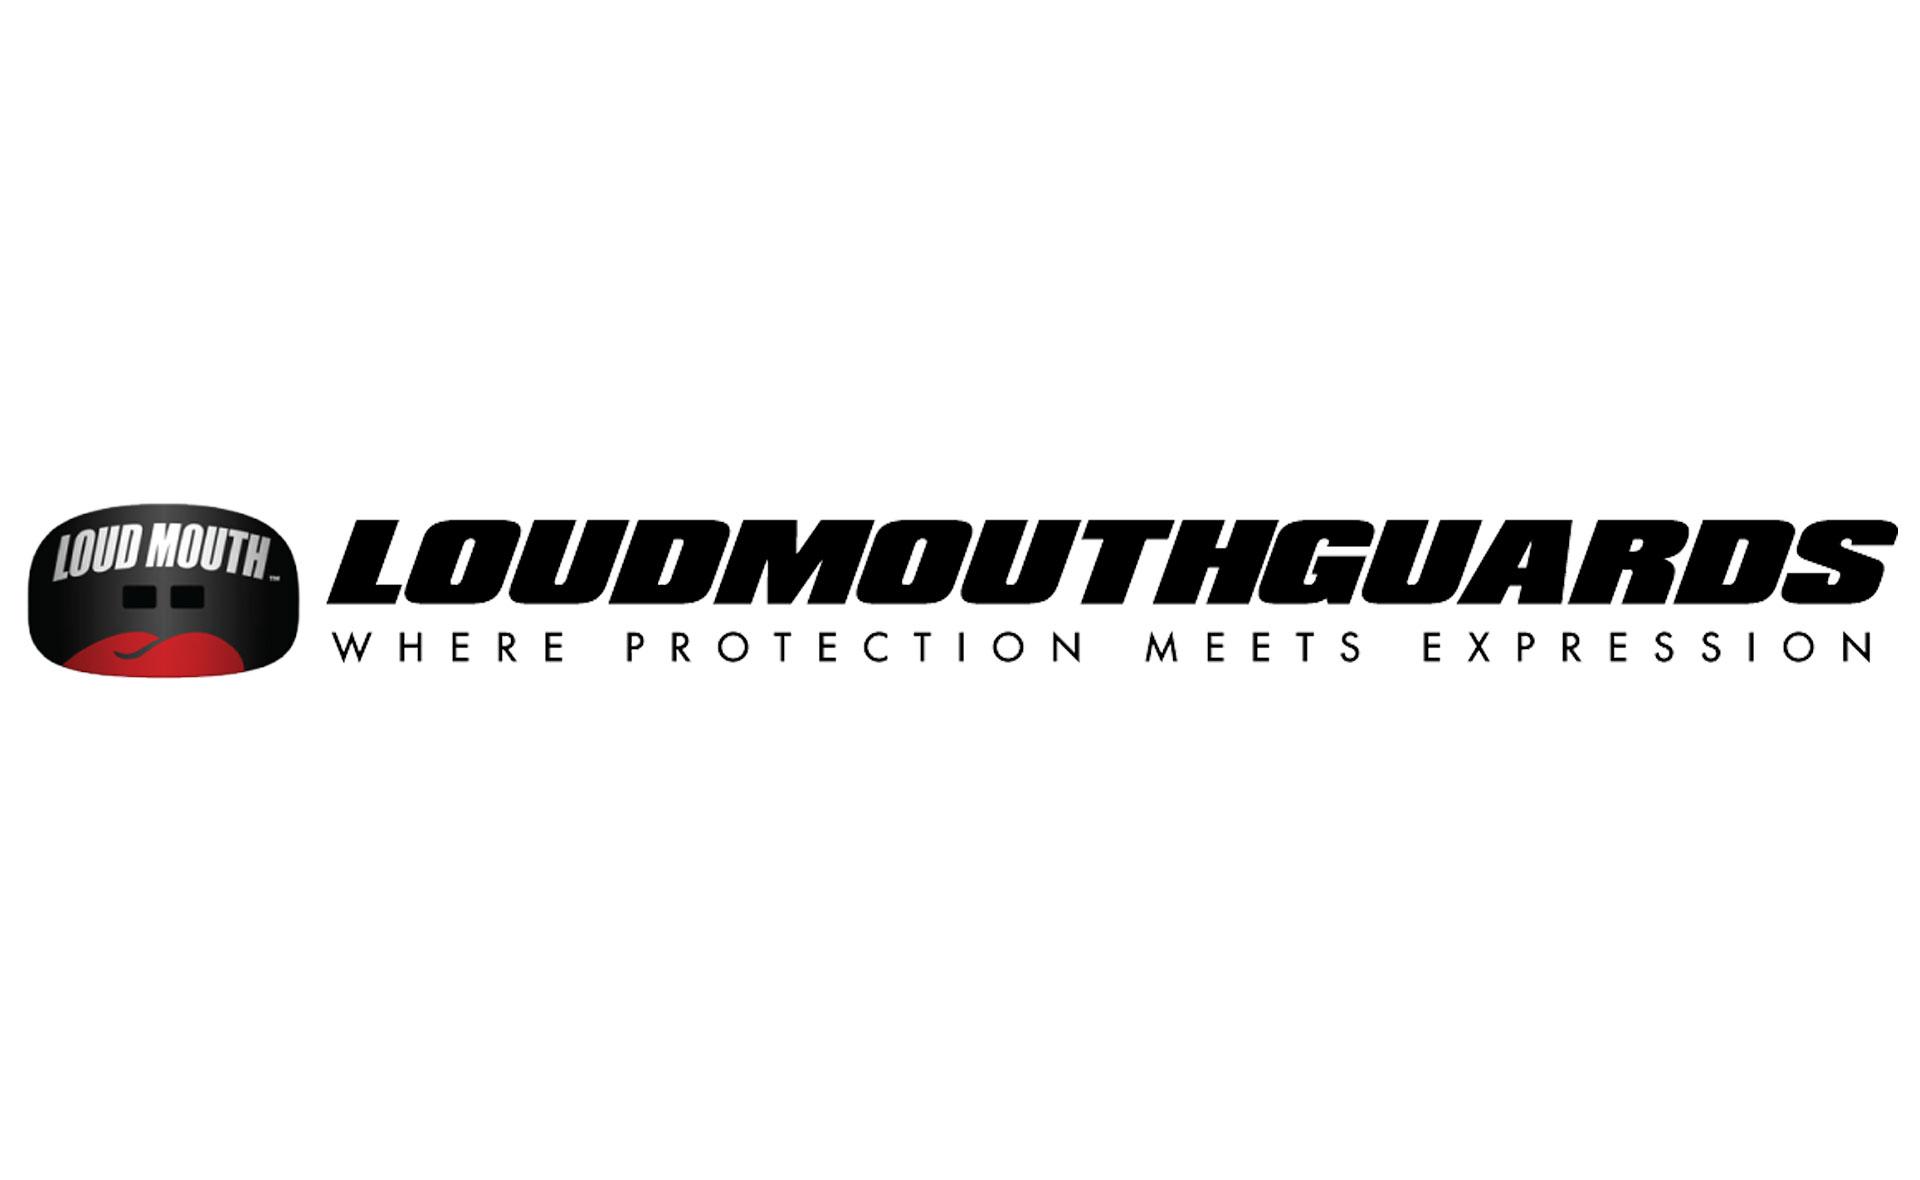 Loud Mouth Guard Web logo